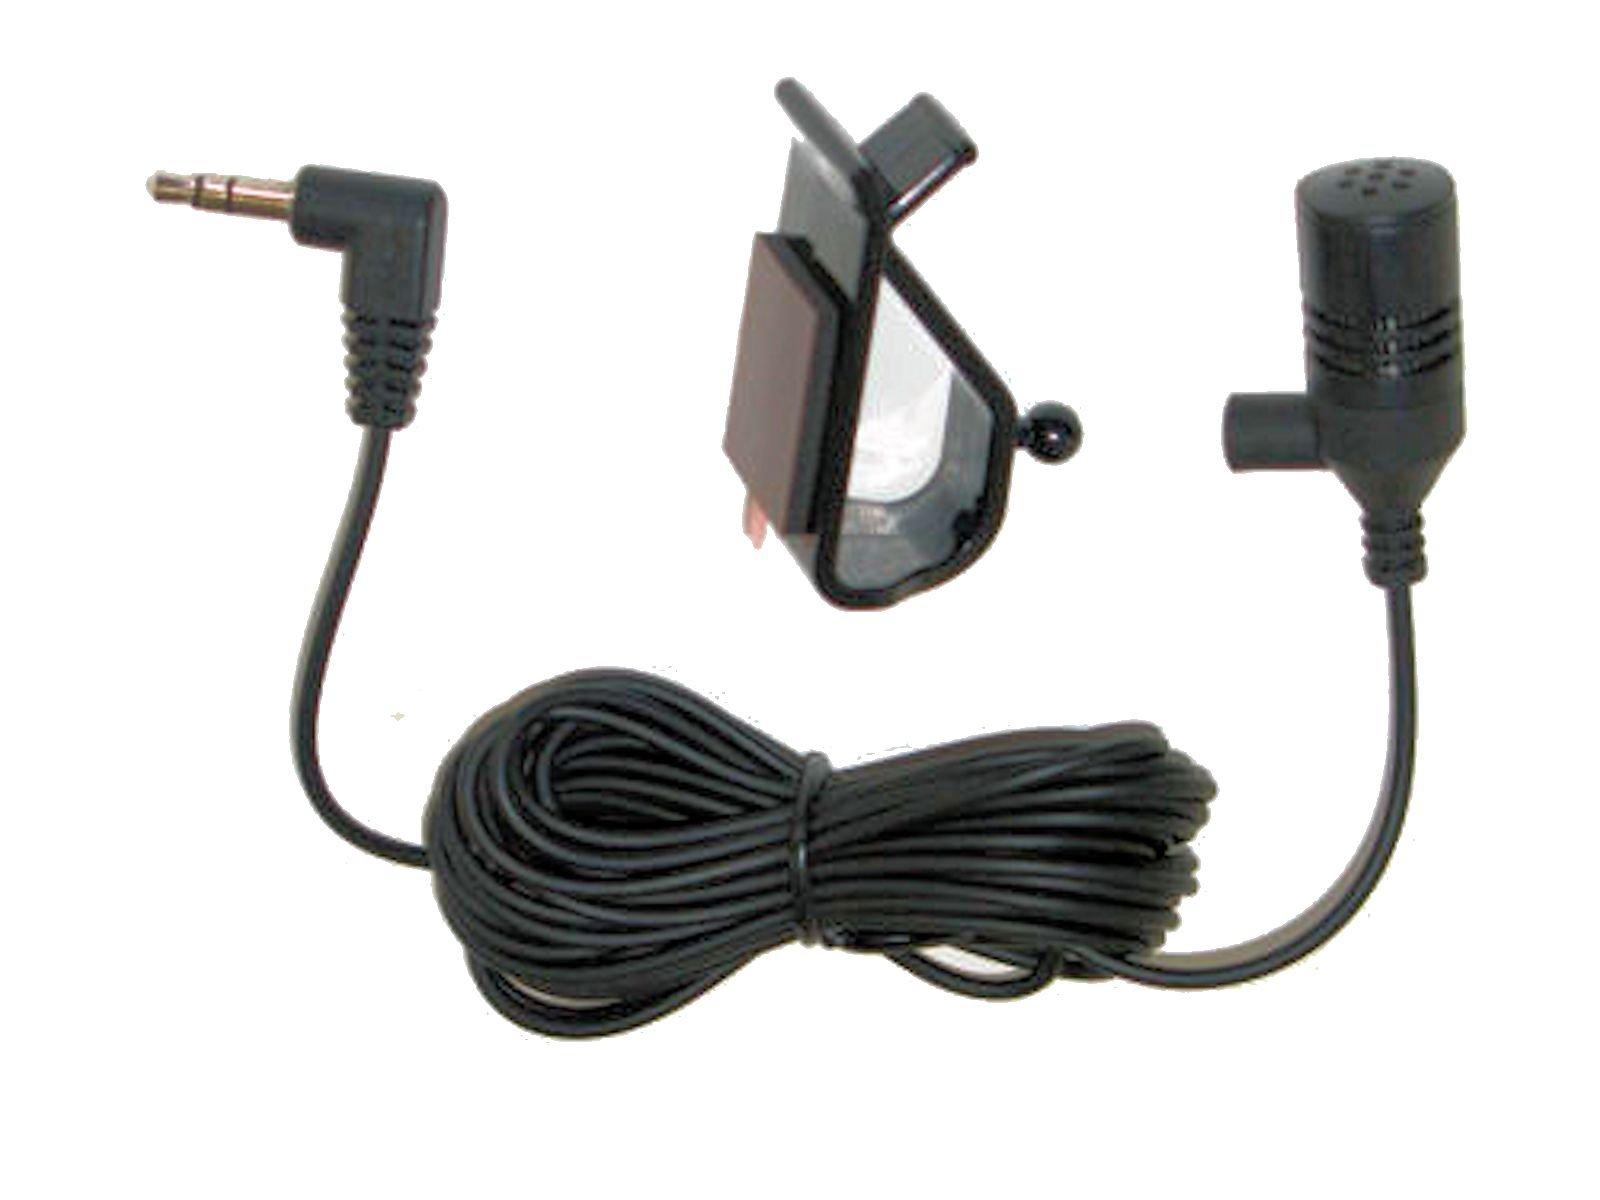 Genuine Alpine Microphone for CDE125BT CDE126BT CDE133BT CDE135BT CDE136BT CDE143BT CDE147BT CDE153BT CDE154BT CDEHD137BT